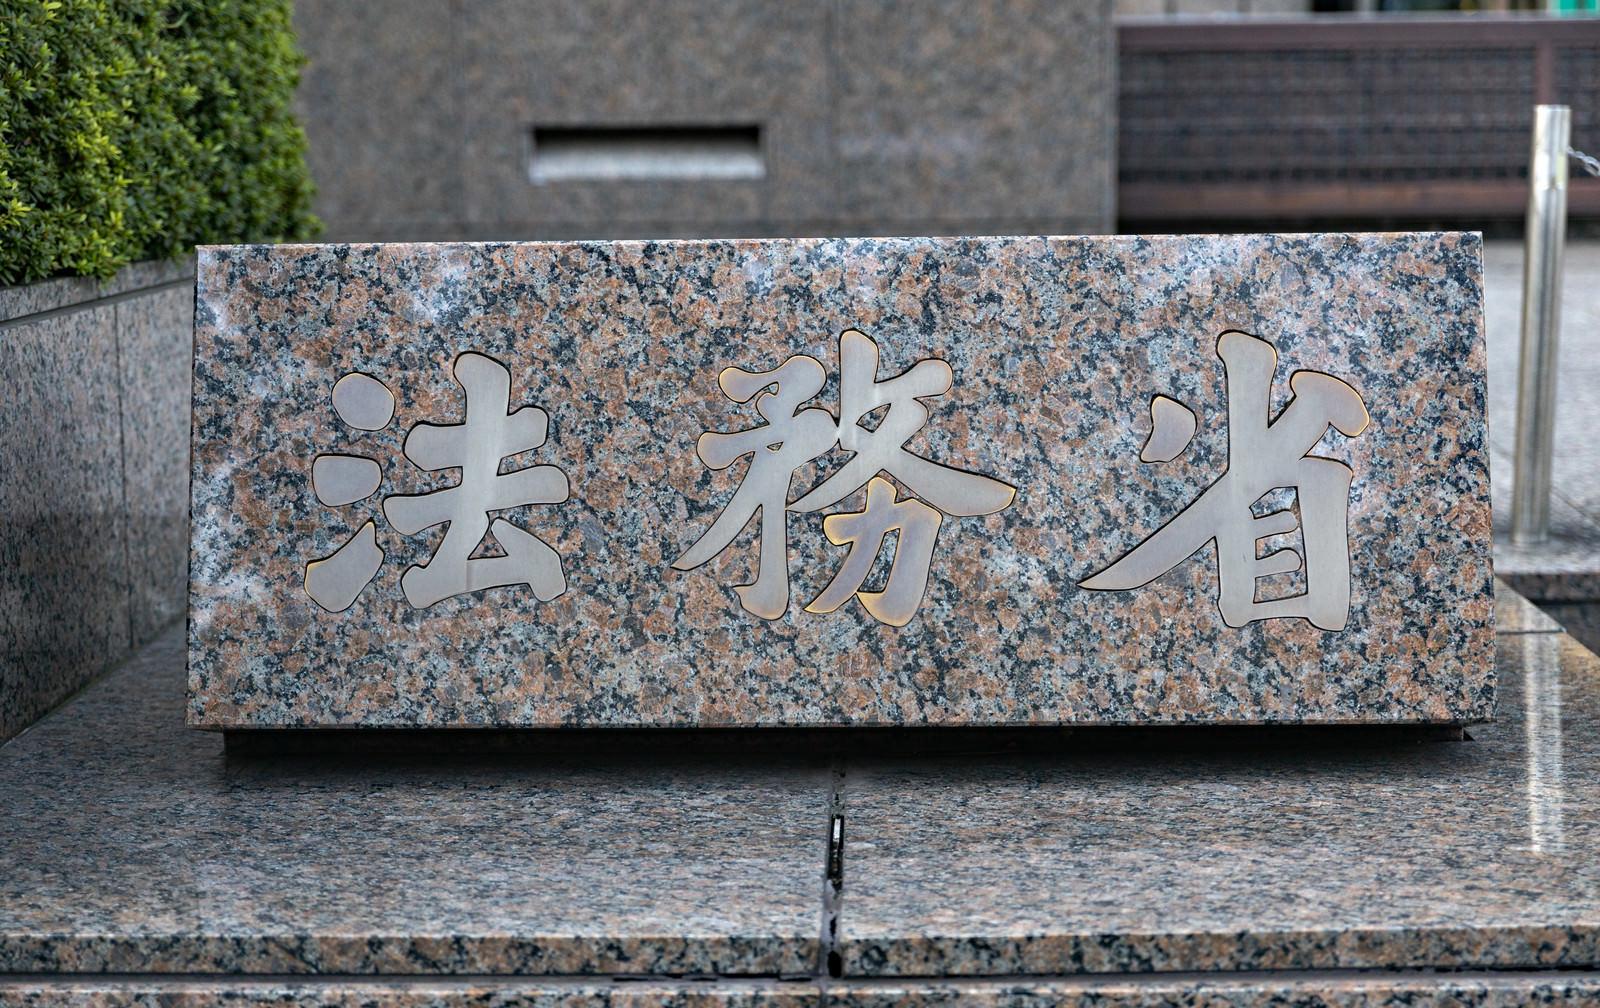 「正面から見た法務省の銘板」の写真